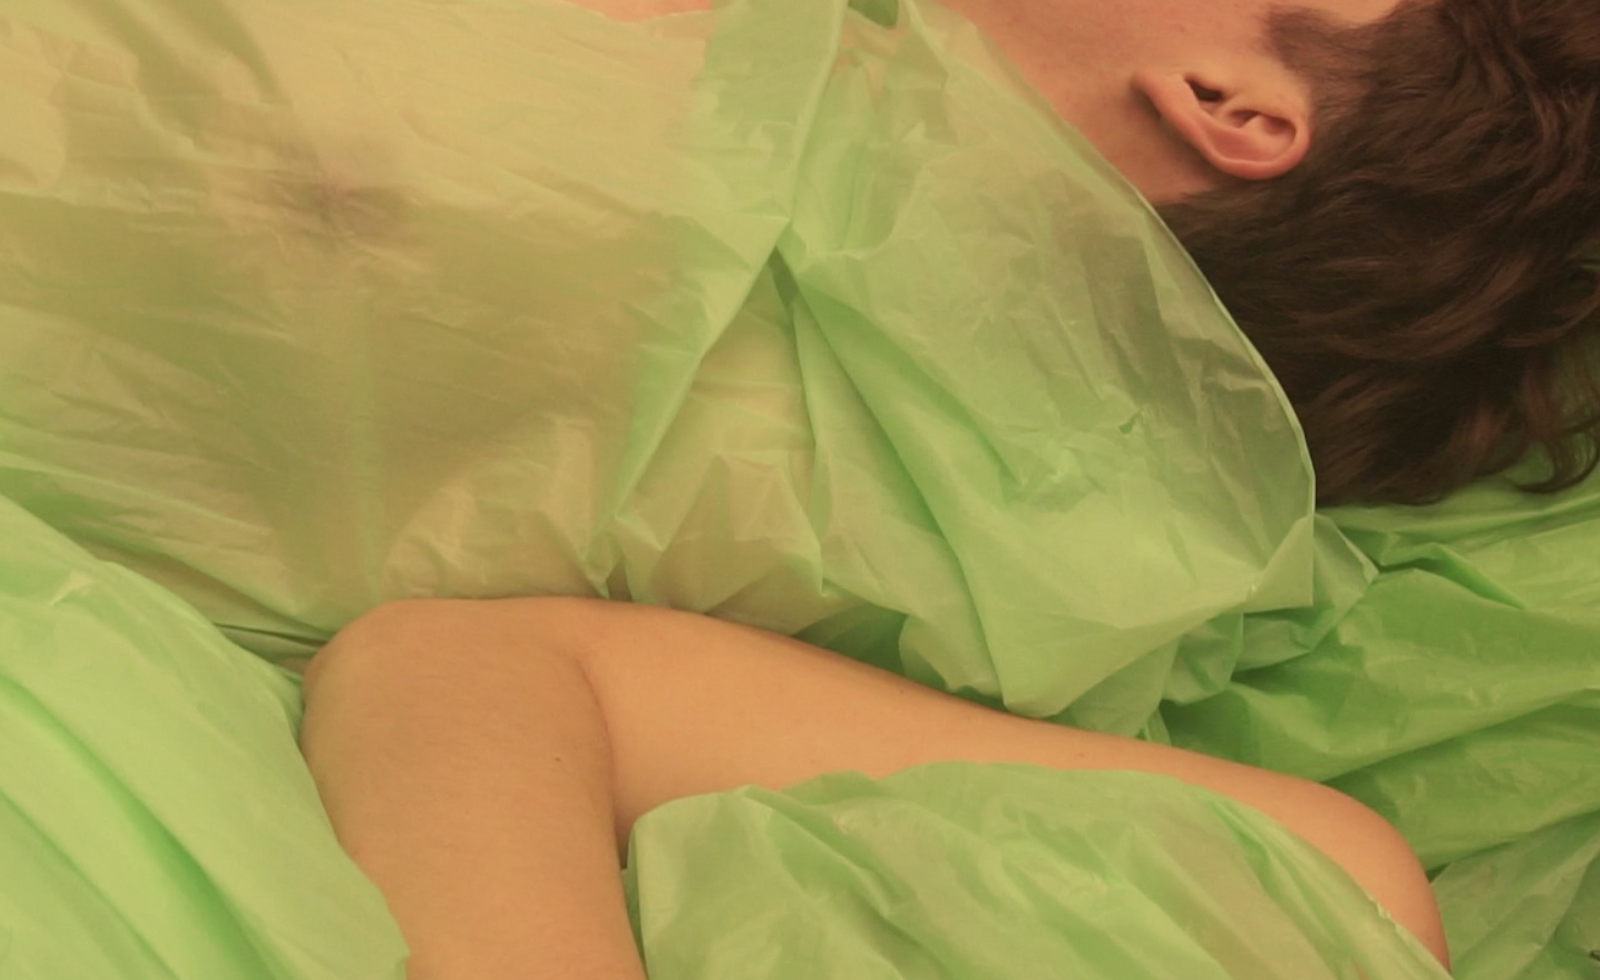 Come a Bit Closer de Camille Lacelle-Wisley : Un projet de danse sous le thème de l'exploration des contrastes